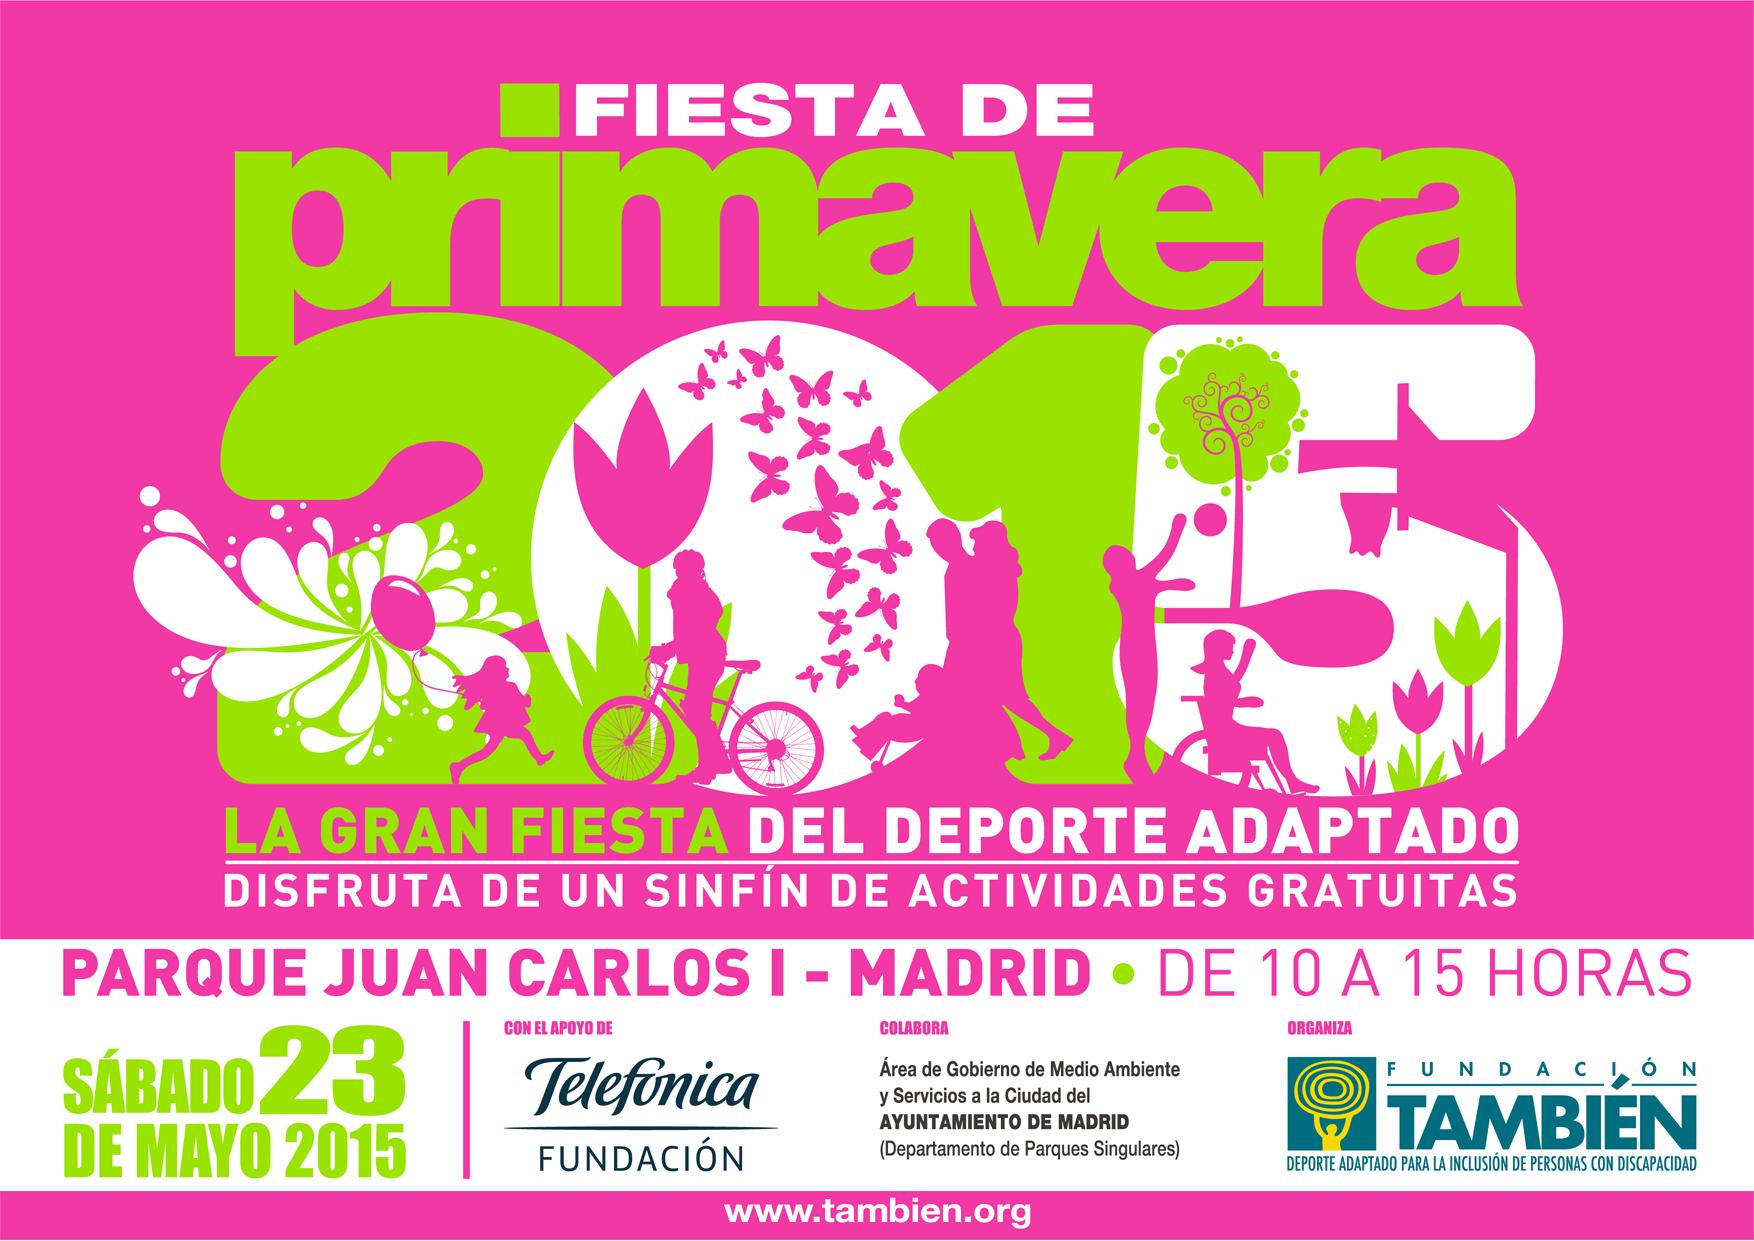 Fundación También celebra la primavera con la gran fiesta del deporte adaptado el sábado 23 de mayo en Madrid